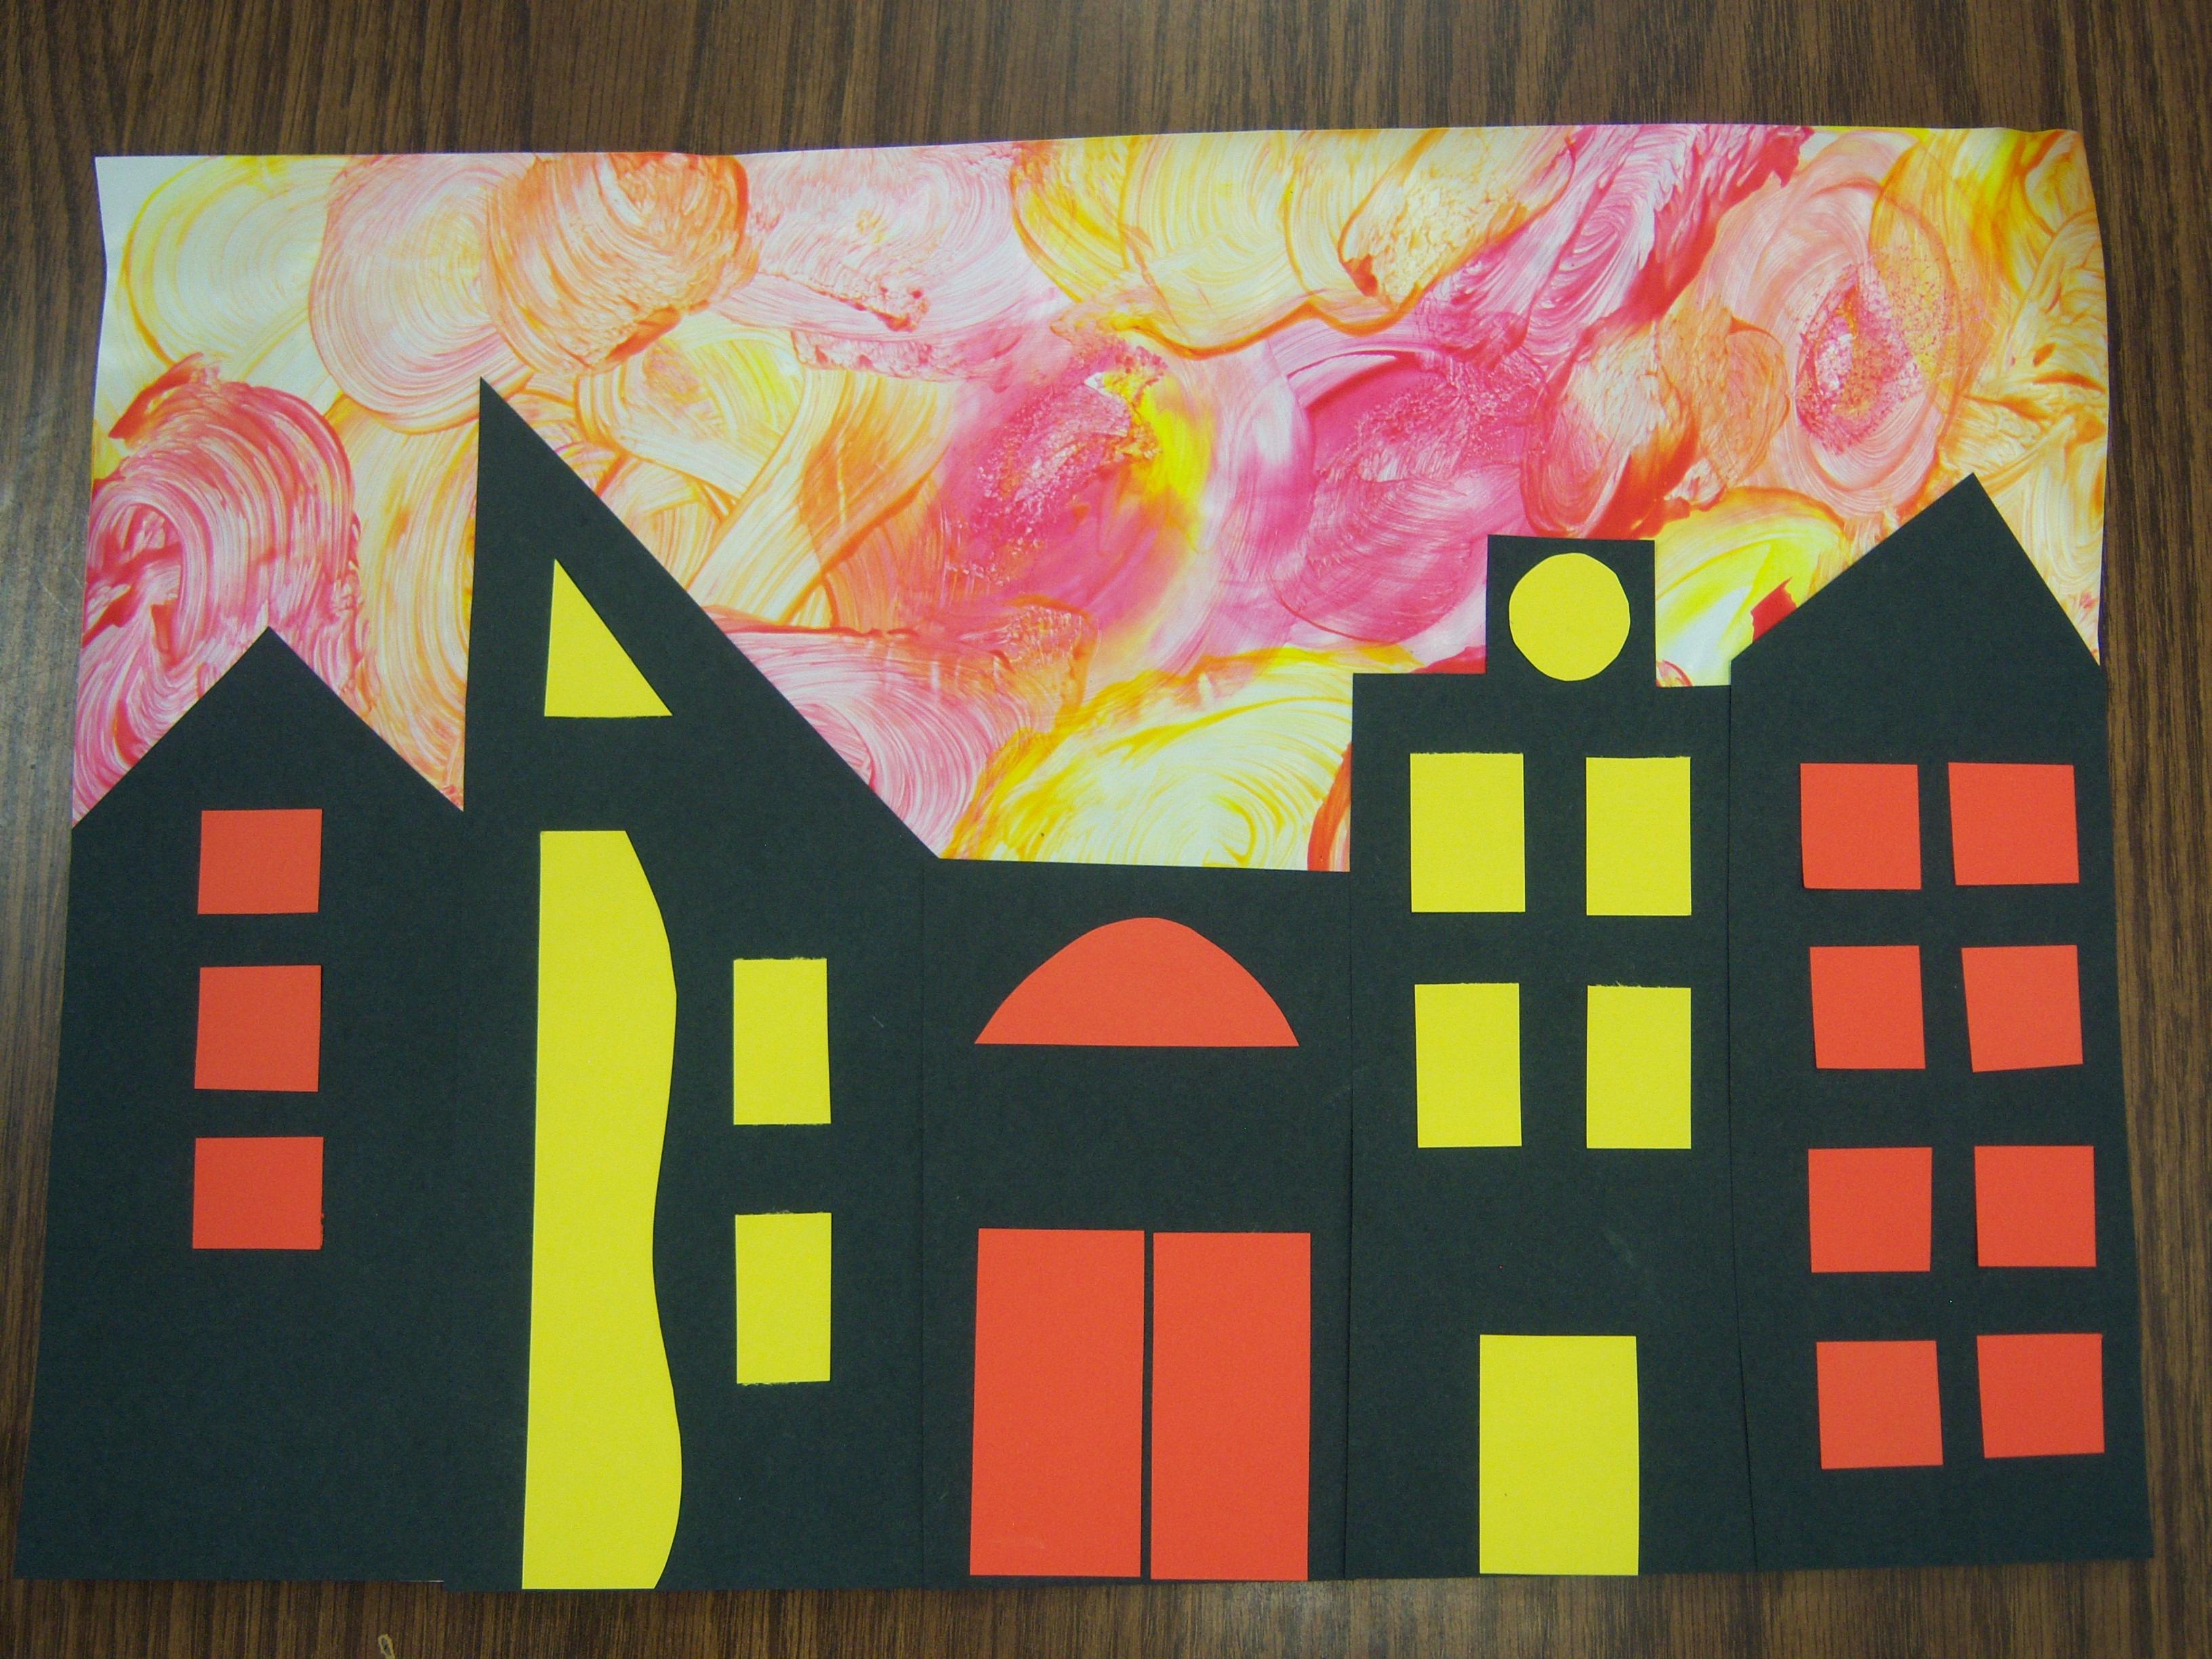 City Crafts For Preschoolers